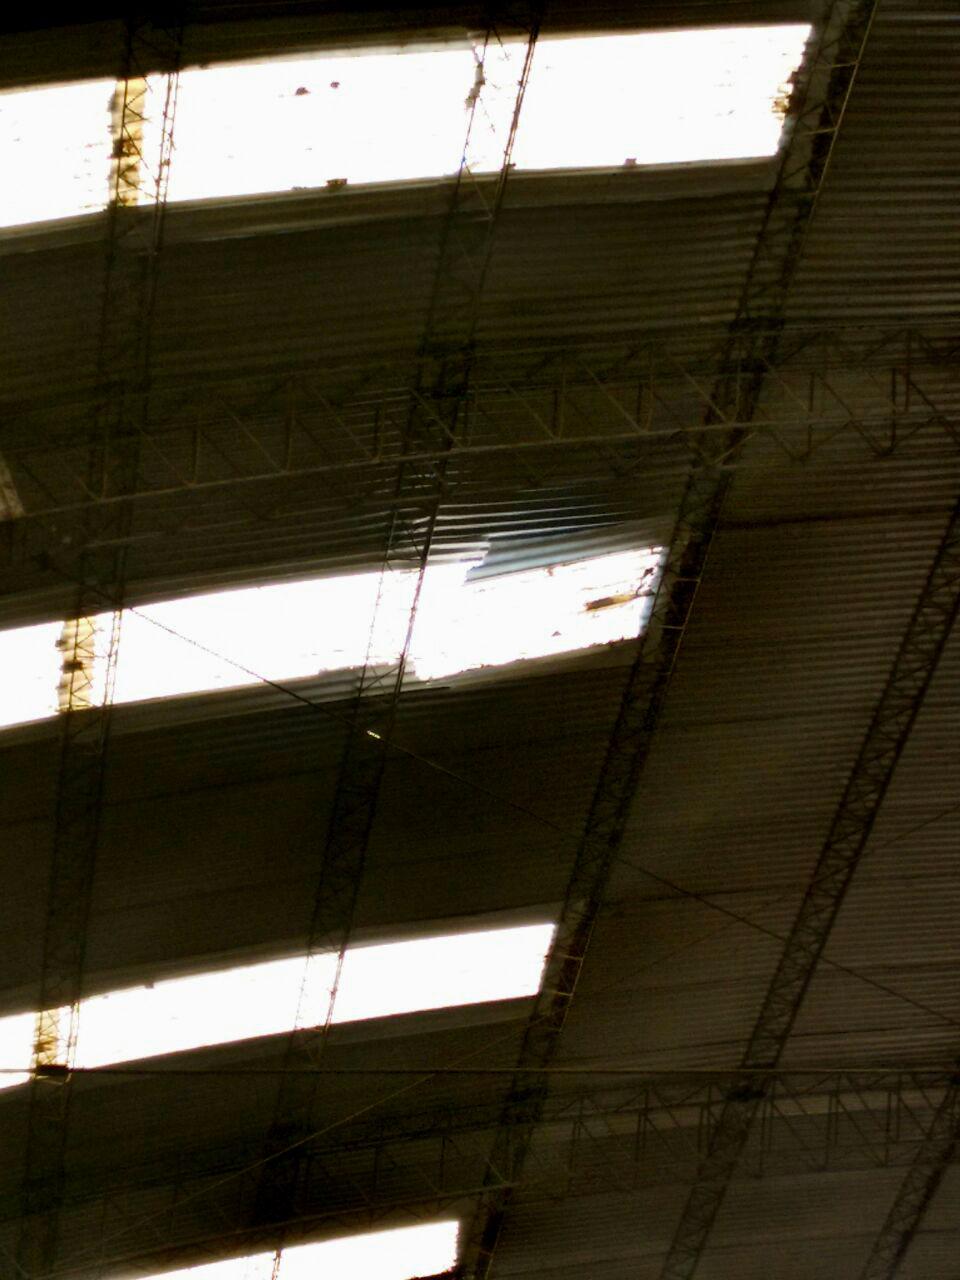 La chapa rota en el techo que estaba en reparación (Crédito: Sec. Prensa Jefatura Deptal Concordia)